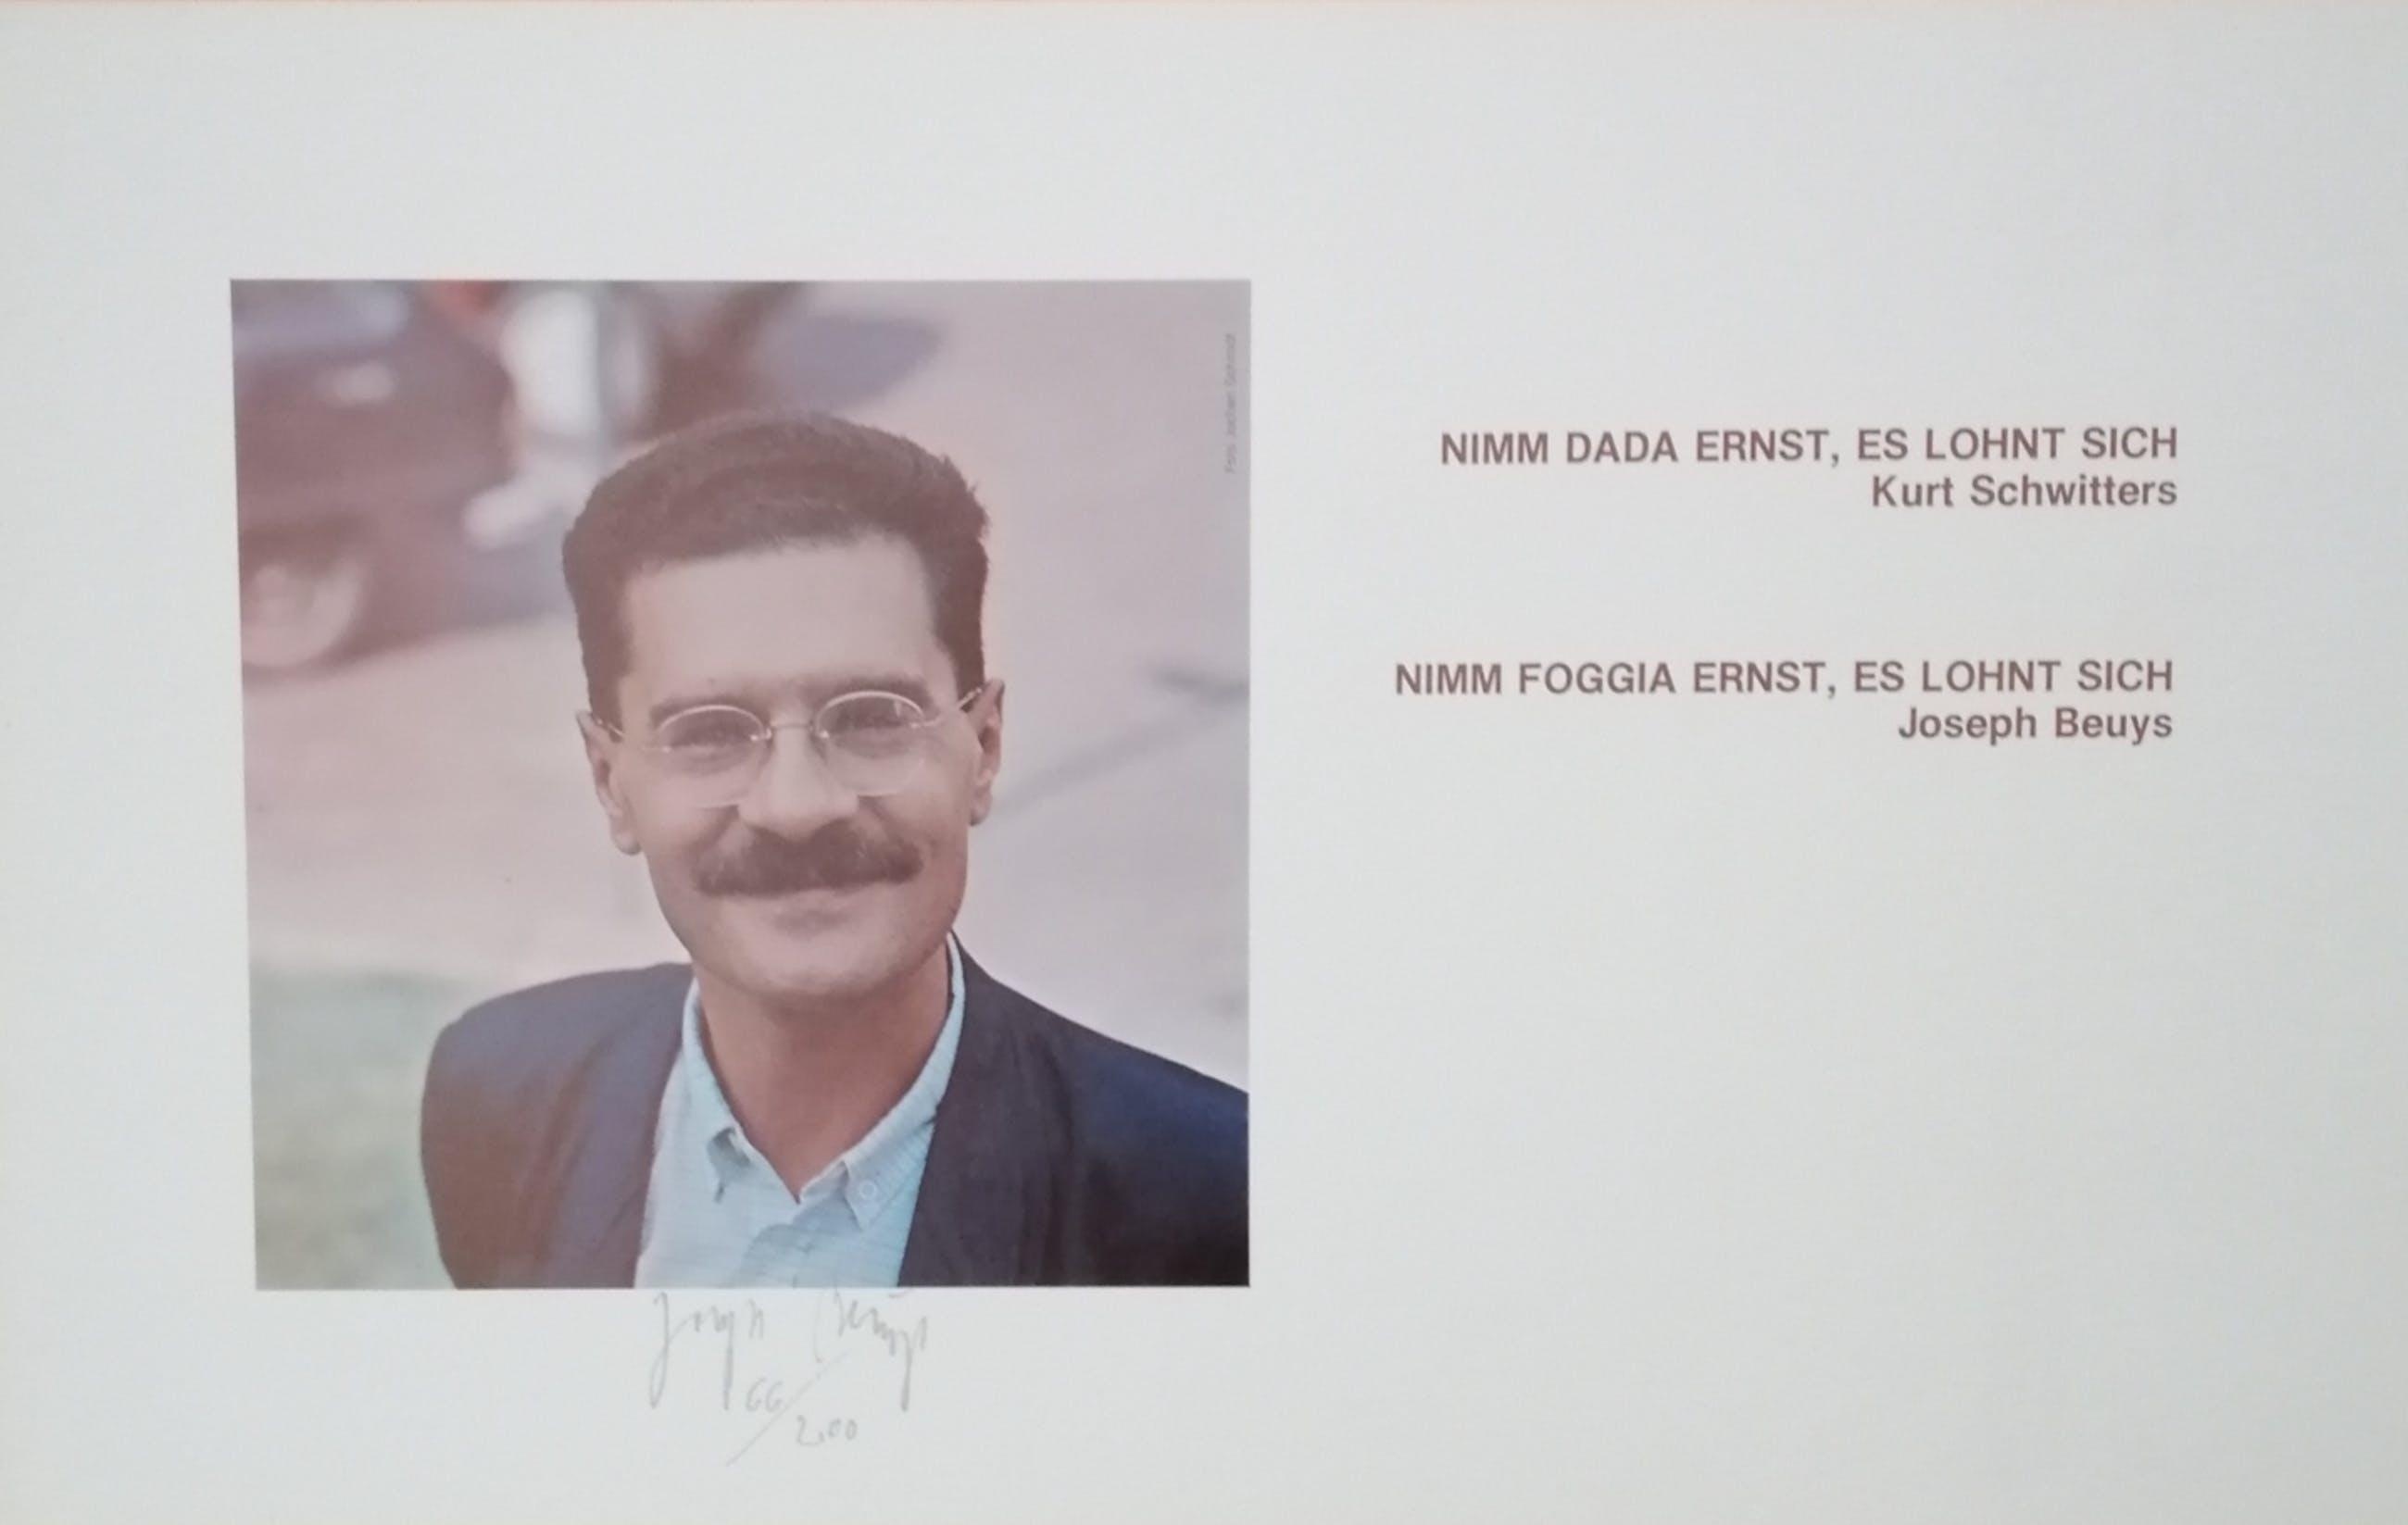 Joseph Beuys - Nimm Foggia ernst, es lohnt sich kopen? Bied vanaf 400!